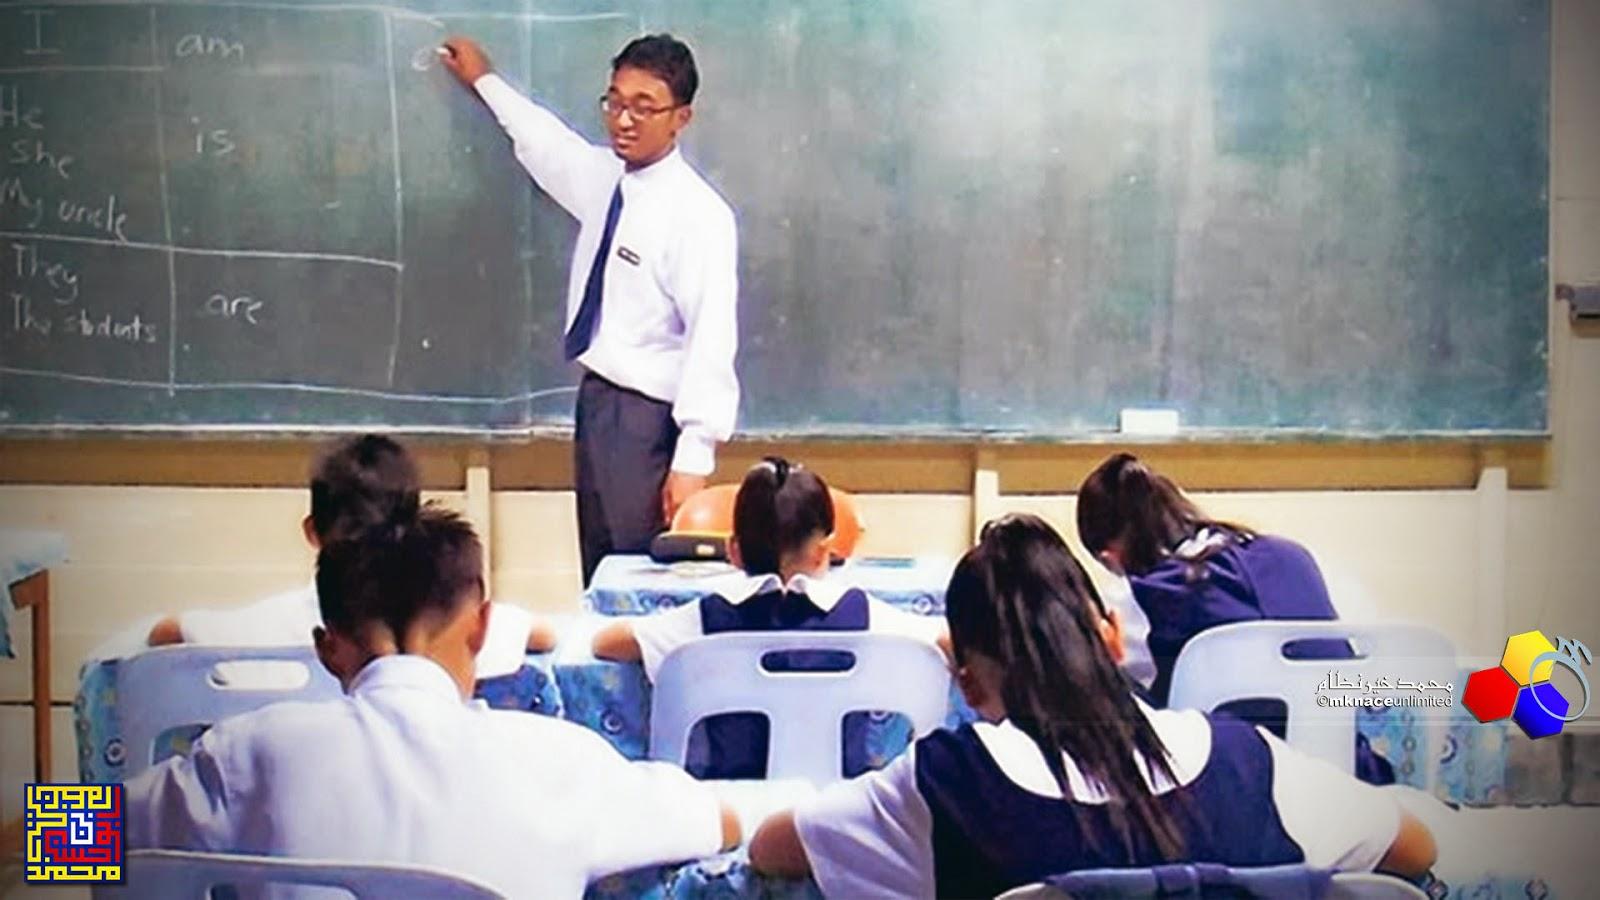 Semakan Tawaran Ke Program Persediaan Ijazah Sarjana Muda Perguruan PPISMP bagi Program Calon Guru Tajaan KPM Lulusan SPM Ambilan Jun 2014 Gantian 1